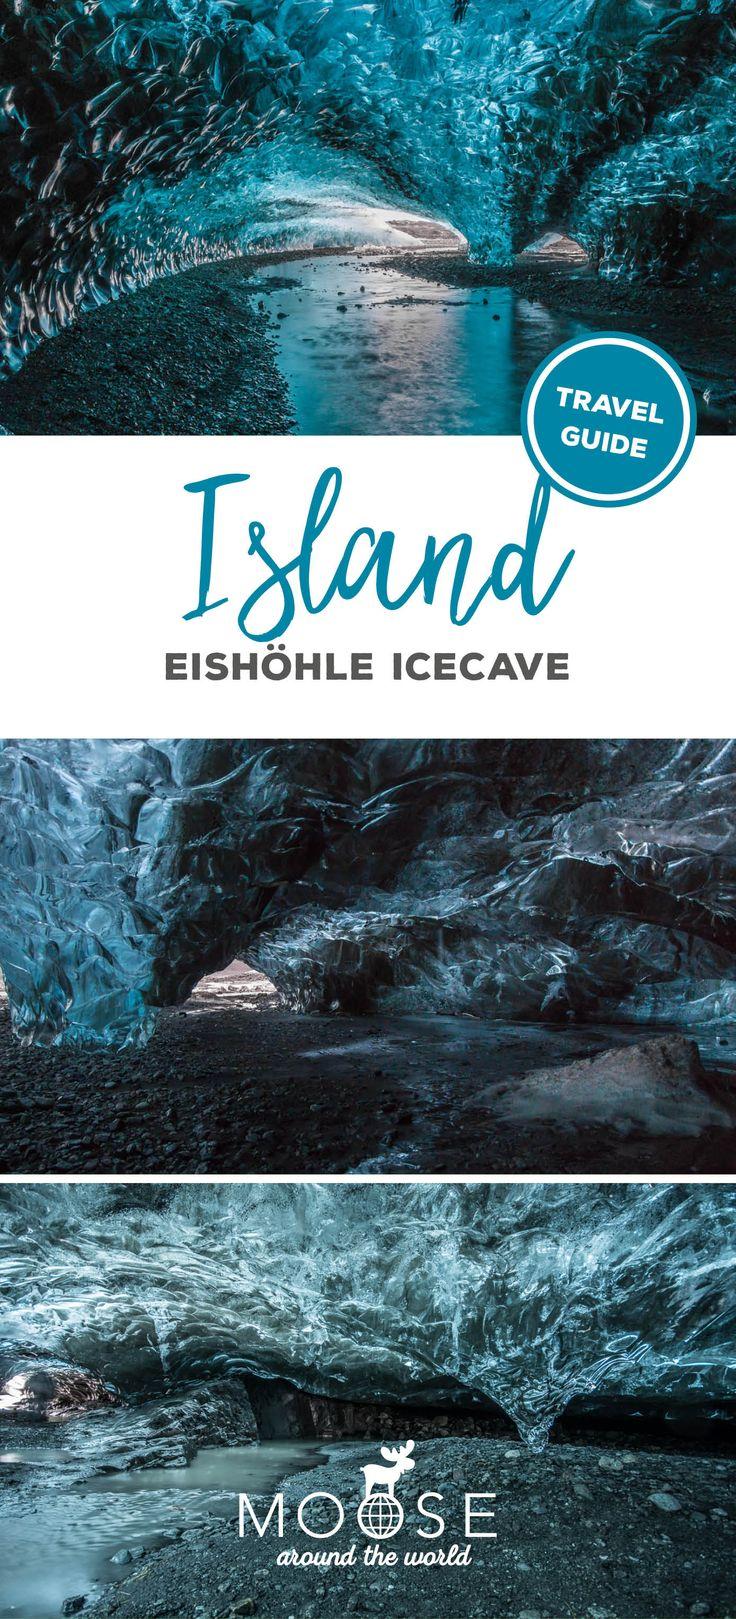 Eishöhlen auf Island sind eines DER Naturspektakel im nordischen Winter! #werbung #icecave #vatnajökull #iceland #island #eishöhle